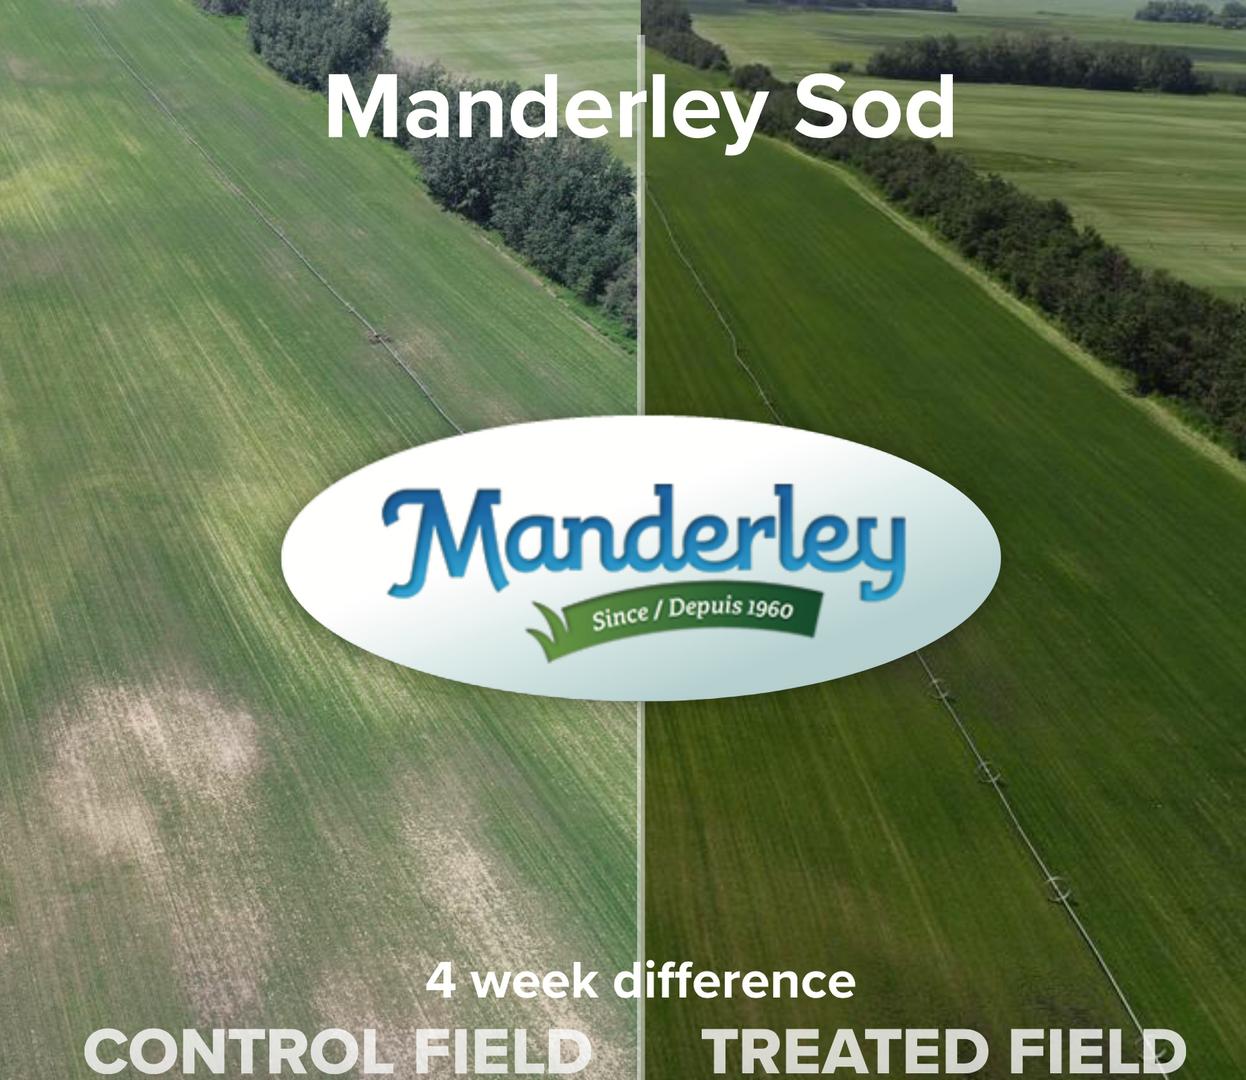 Manderley Sod.png